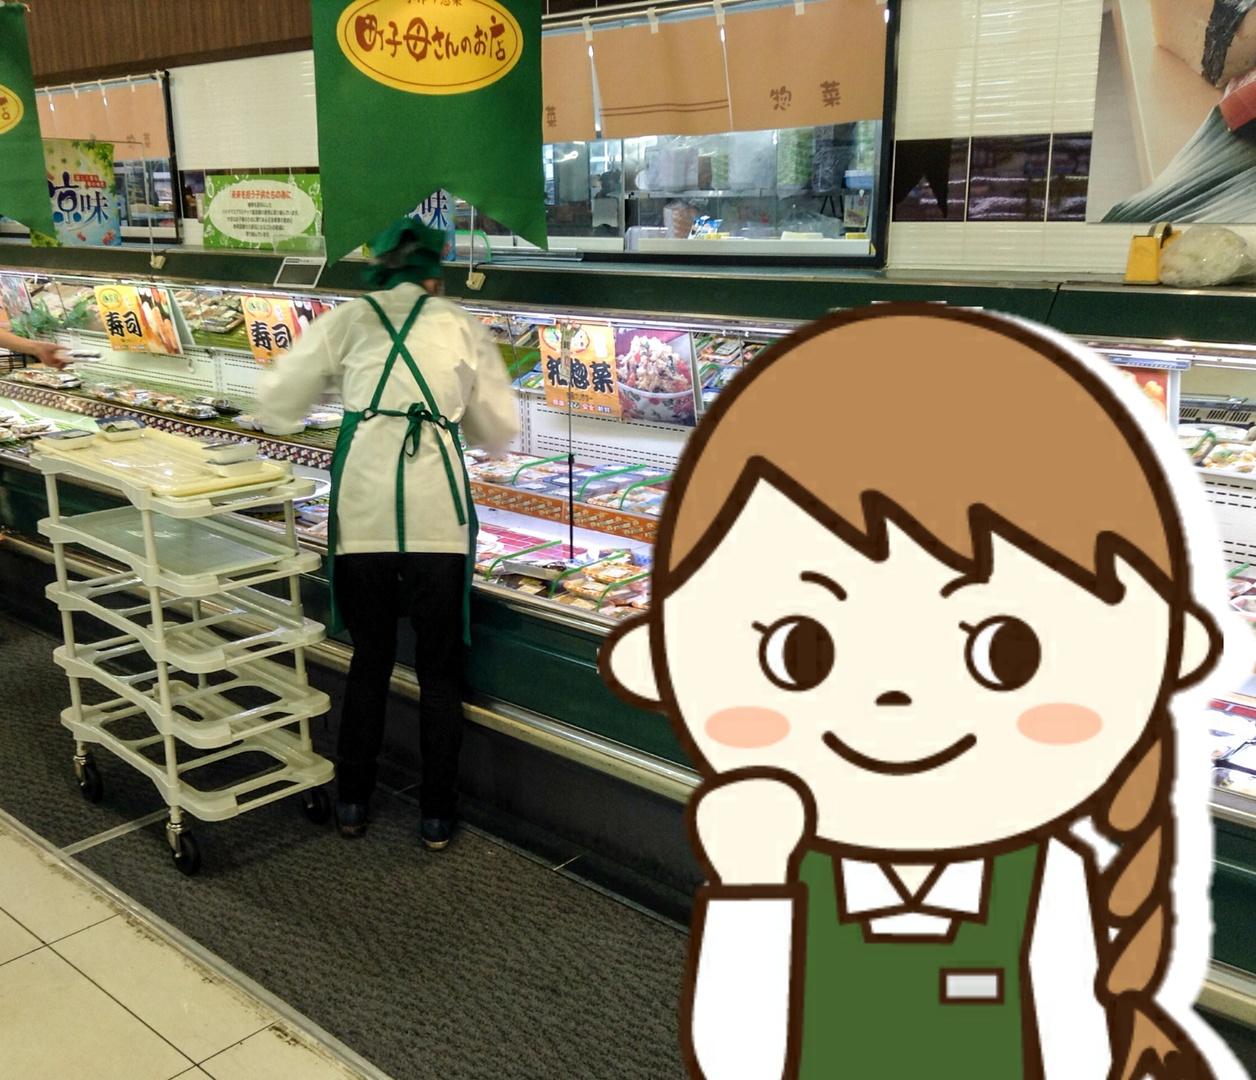 町子母さんのお店 ファボーレ店